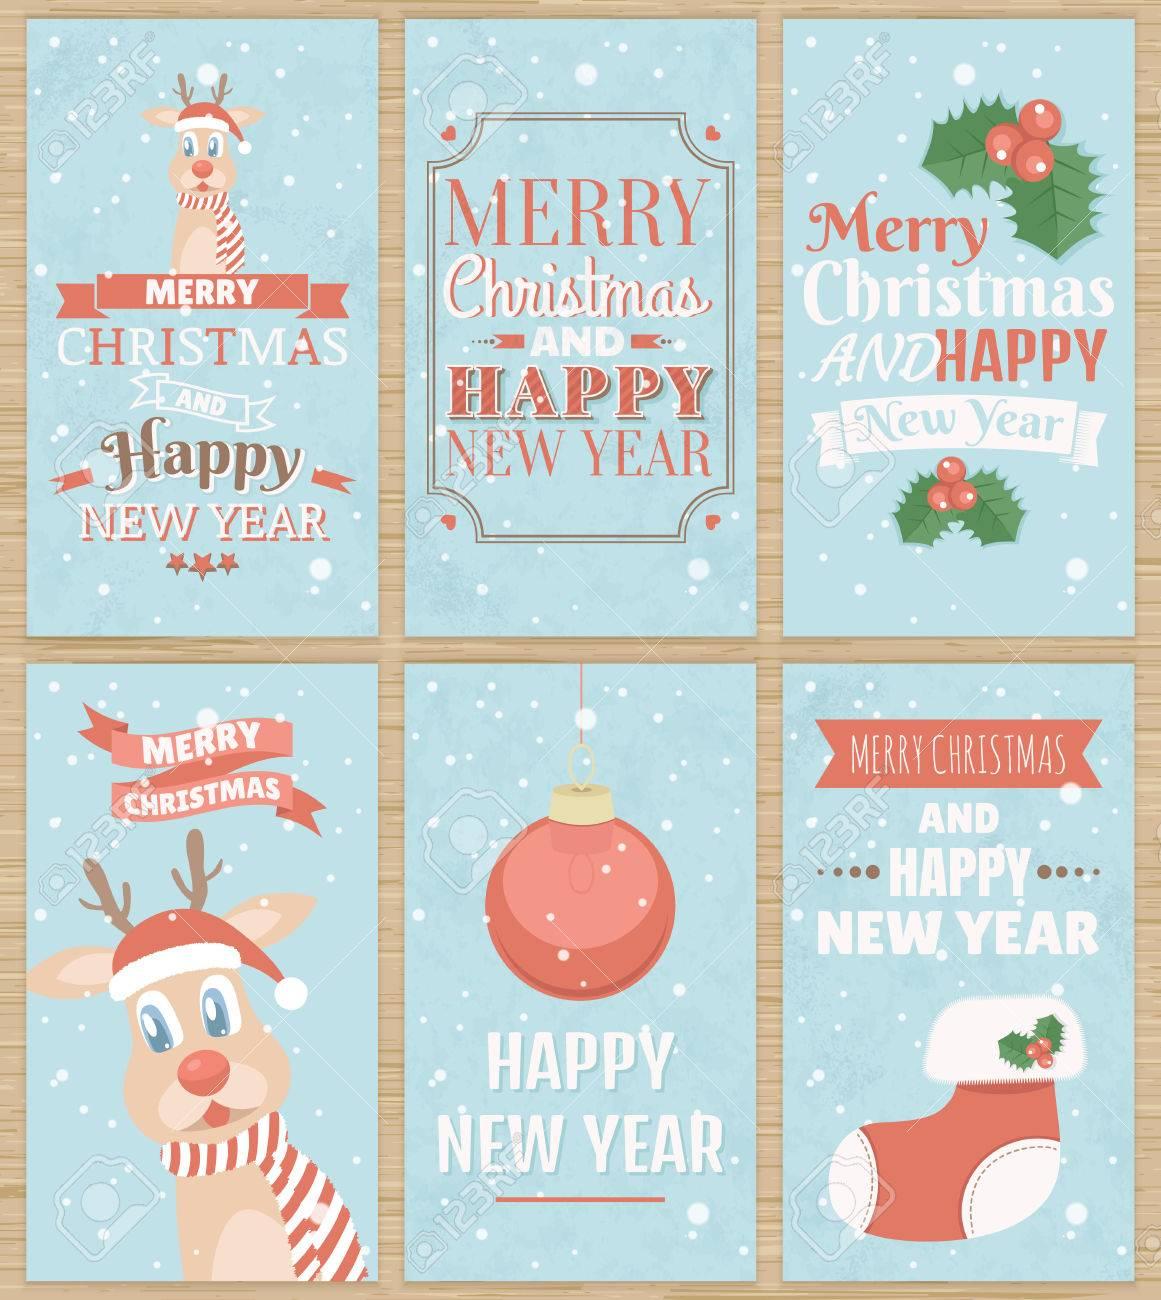 Reindeer Christmas Cards.Set Of Six Christmas Greeting Cards With Cute Reindeer Christmas